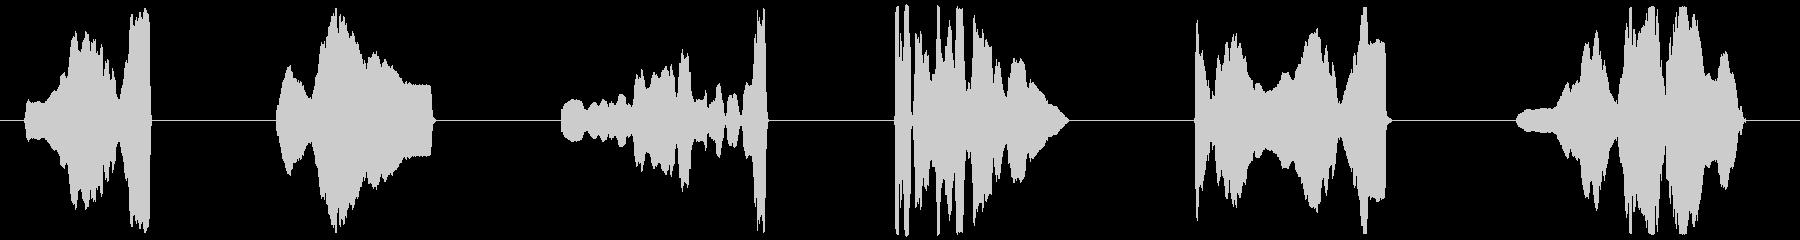 スライドホイッスル1、6バージョン...の未再生の波形